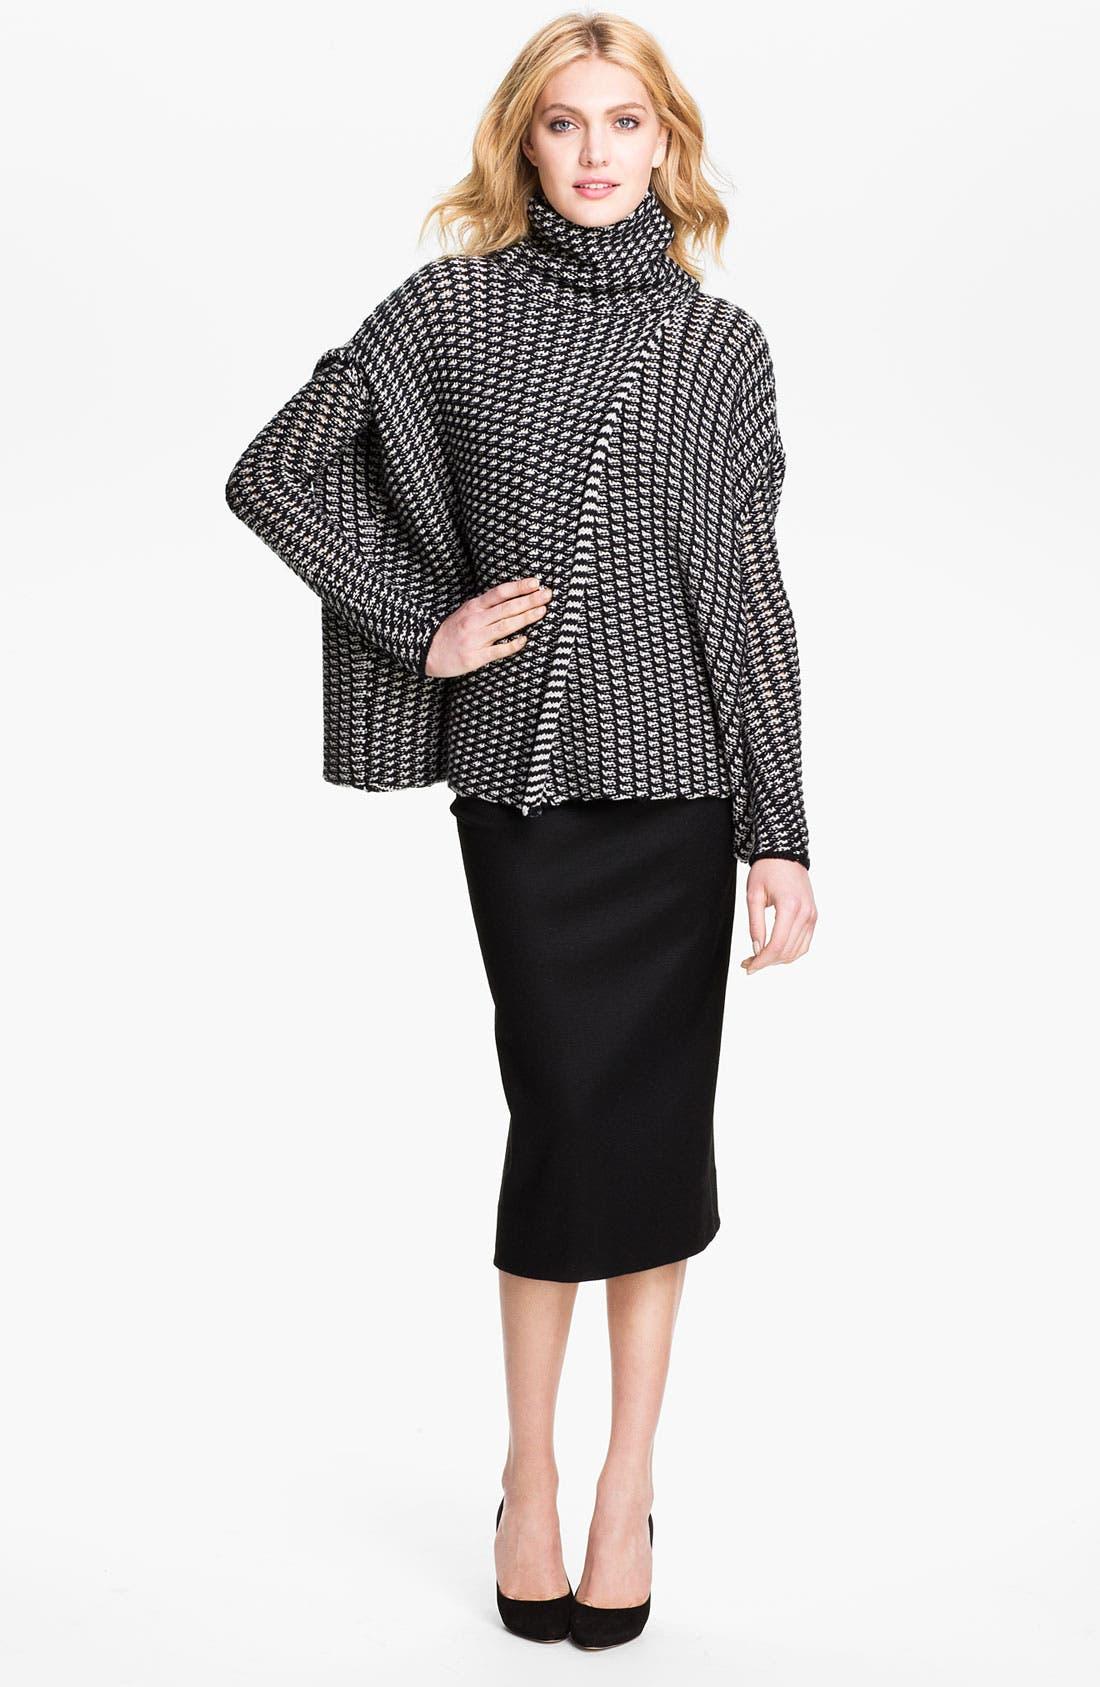 Alternate Image 1 Selected - Diane von Furstenberg 'Ahiga' Sweater Cape